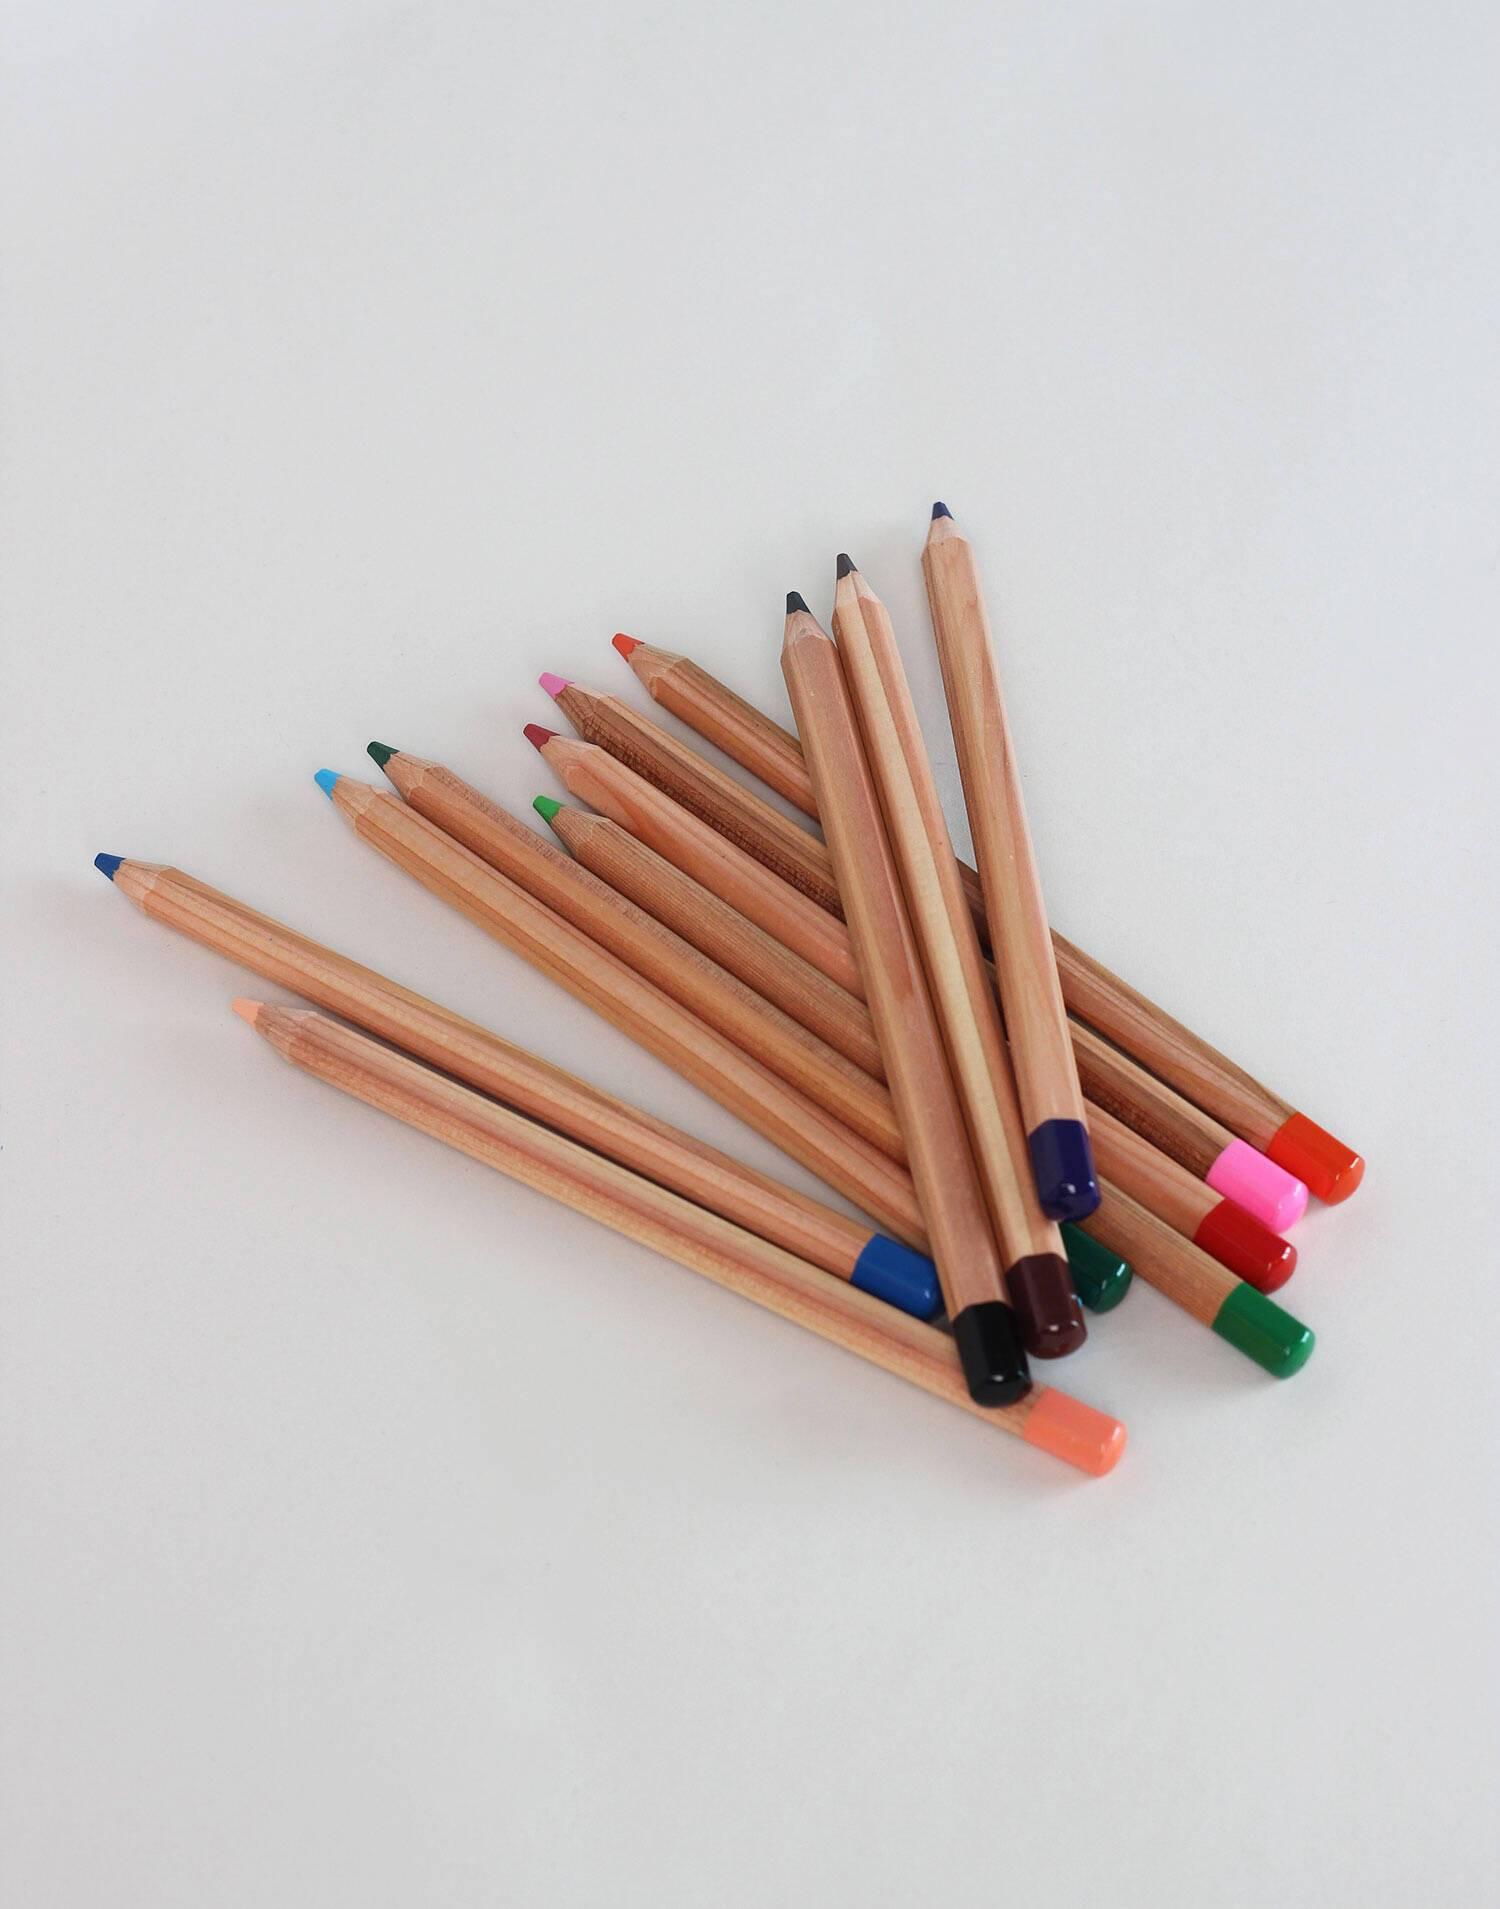 Set 12 large color pencils